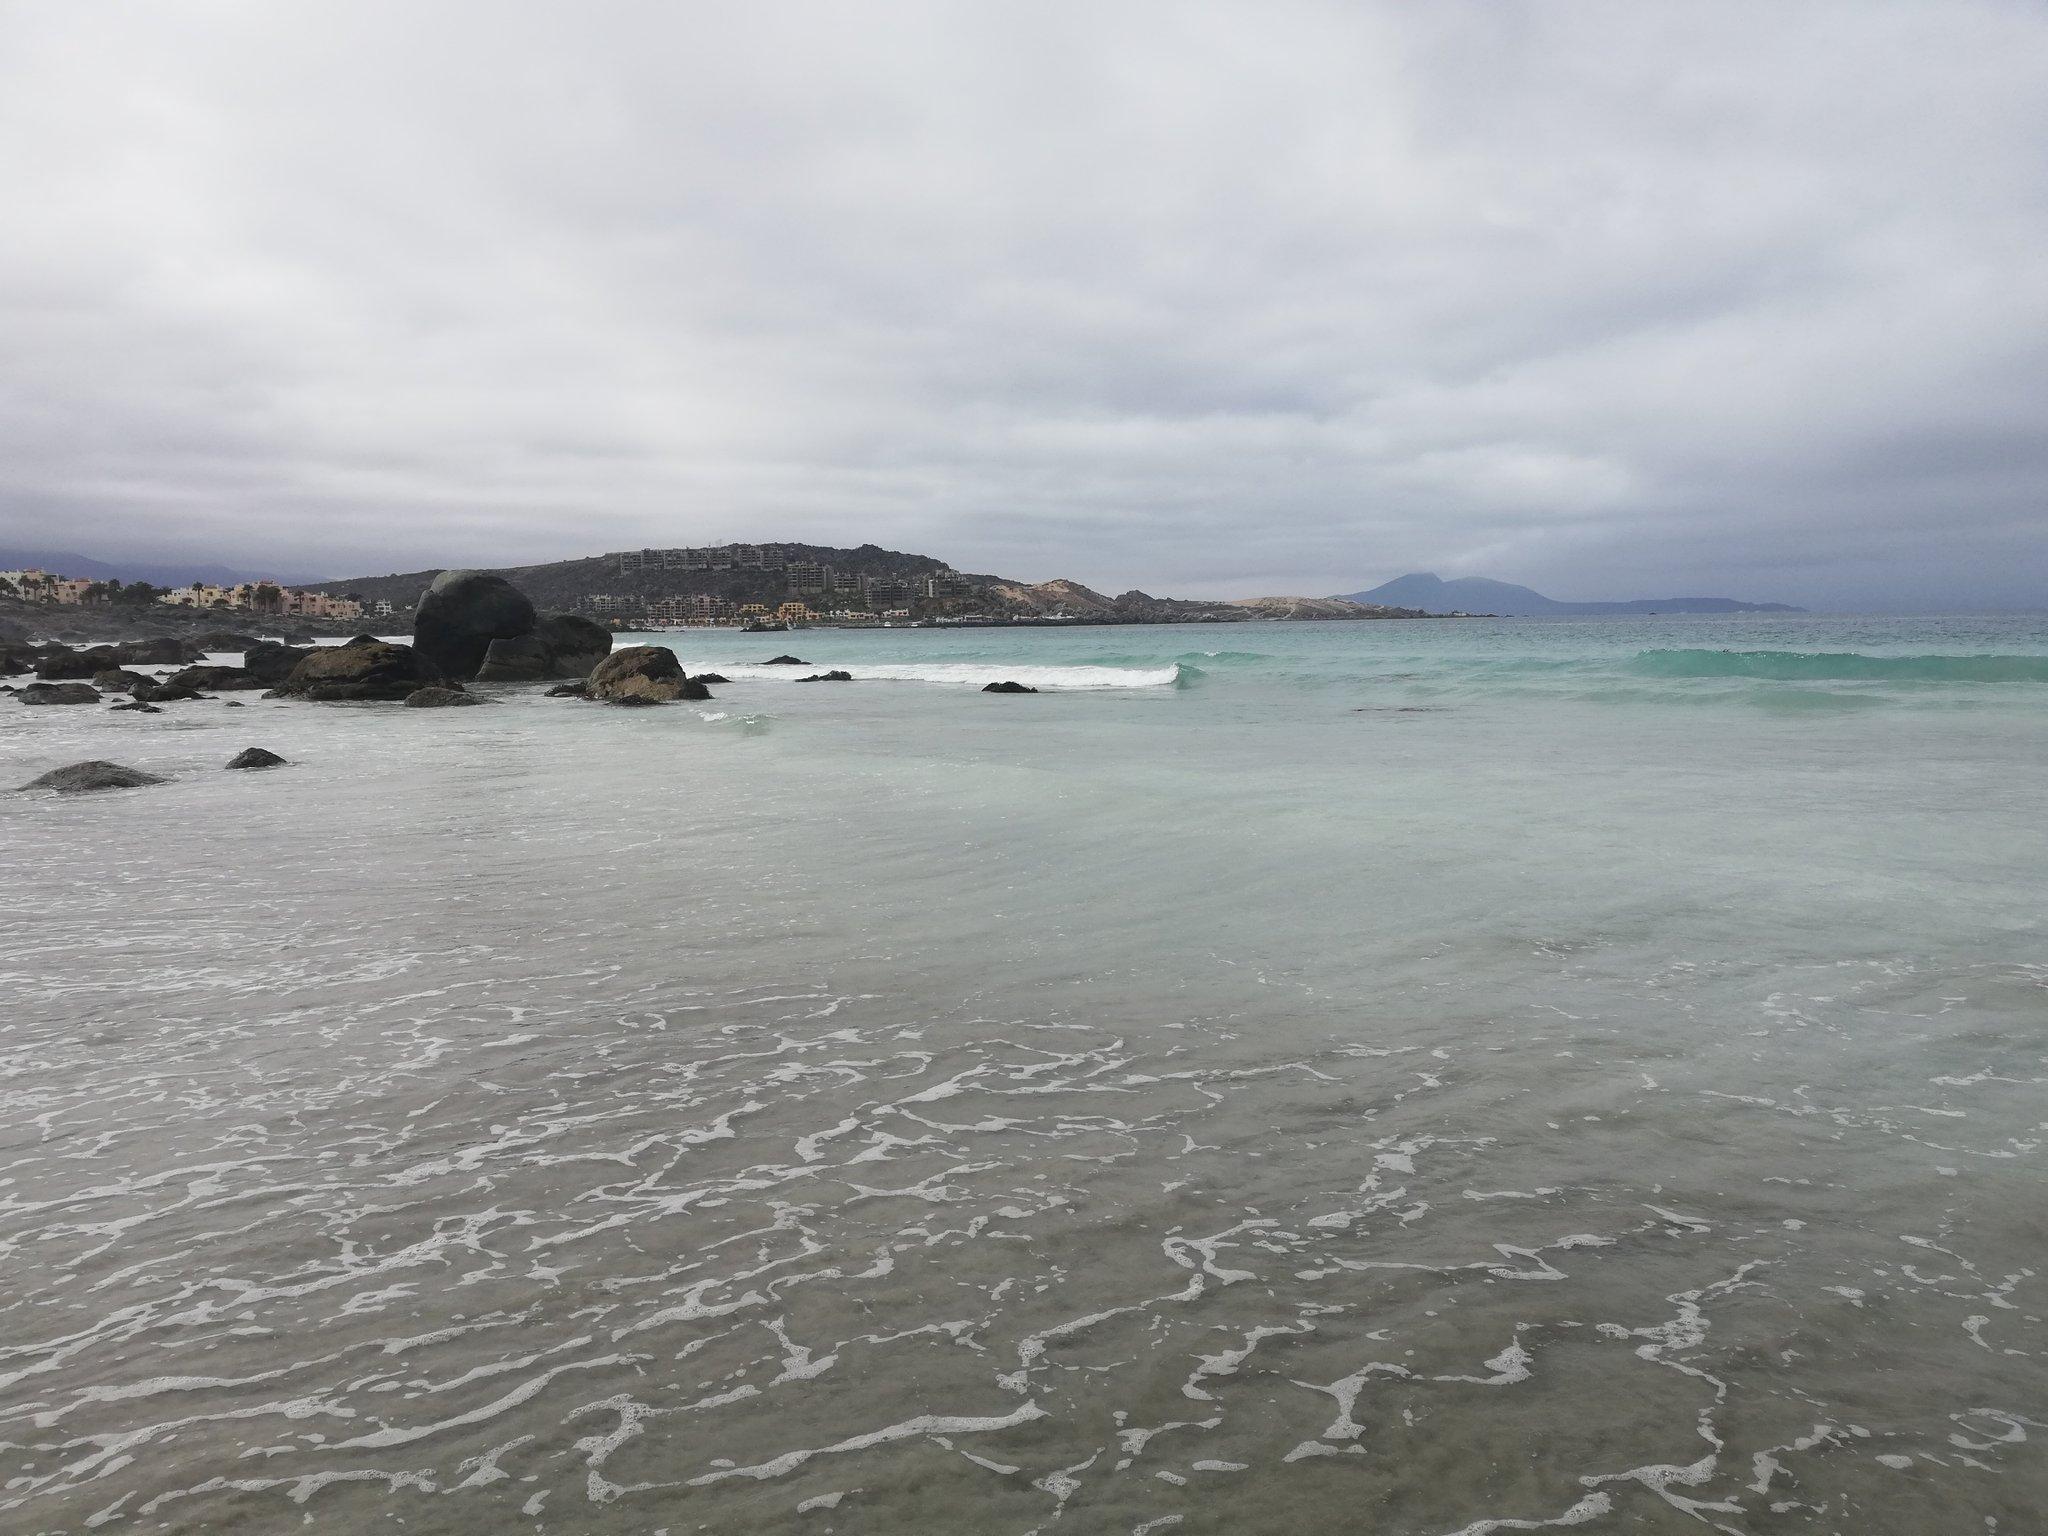 Totoralillo es una de mis playas favoritas de Coquimbo! Muy recomendable si van al norte de Chile (aunque en la tarde se llena mucho, así que es mejor llegar temprano) 🏖️😀👍 https://t.co/PdleTBpCze